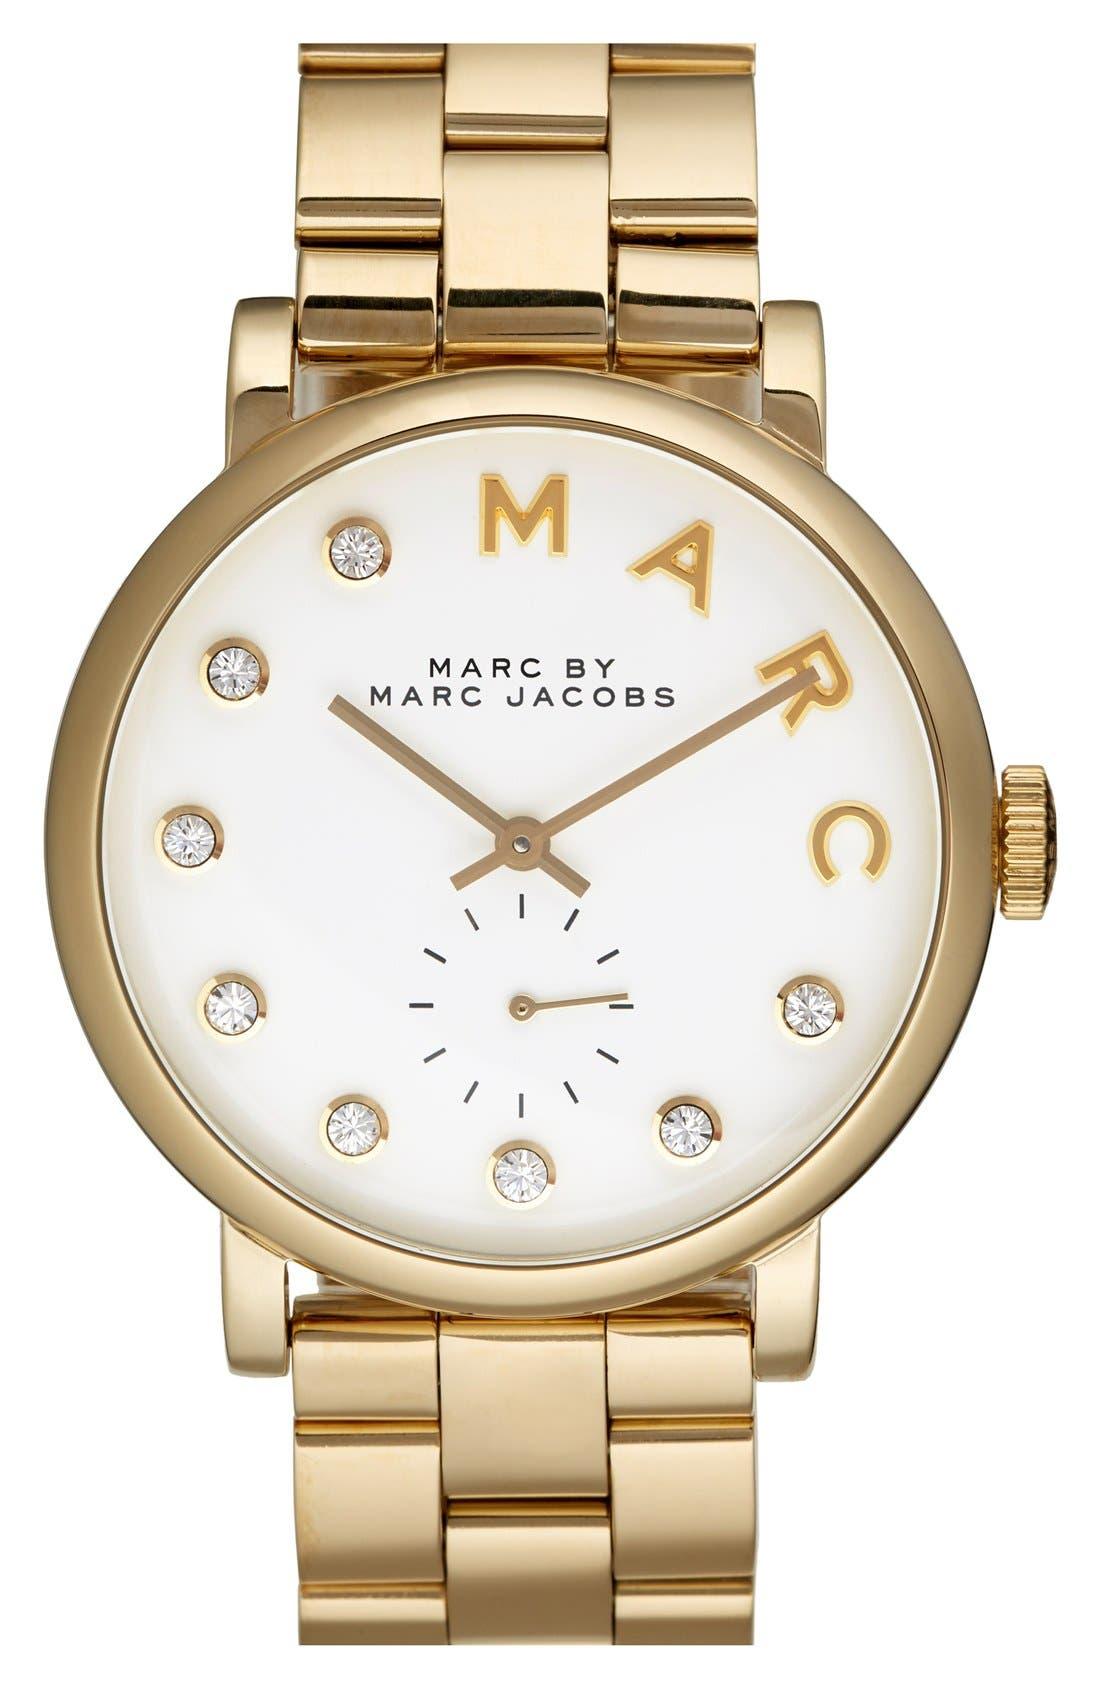 Main Image - MARC JACOBS 'Baker' Crystal Index Bracelet Watch, 37mm